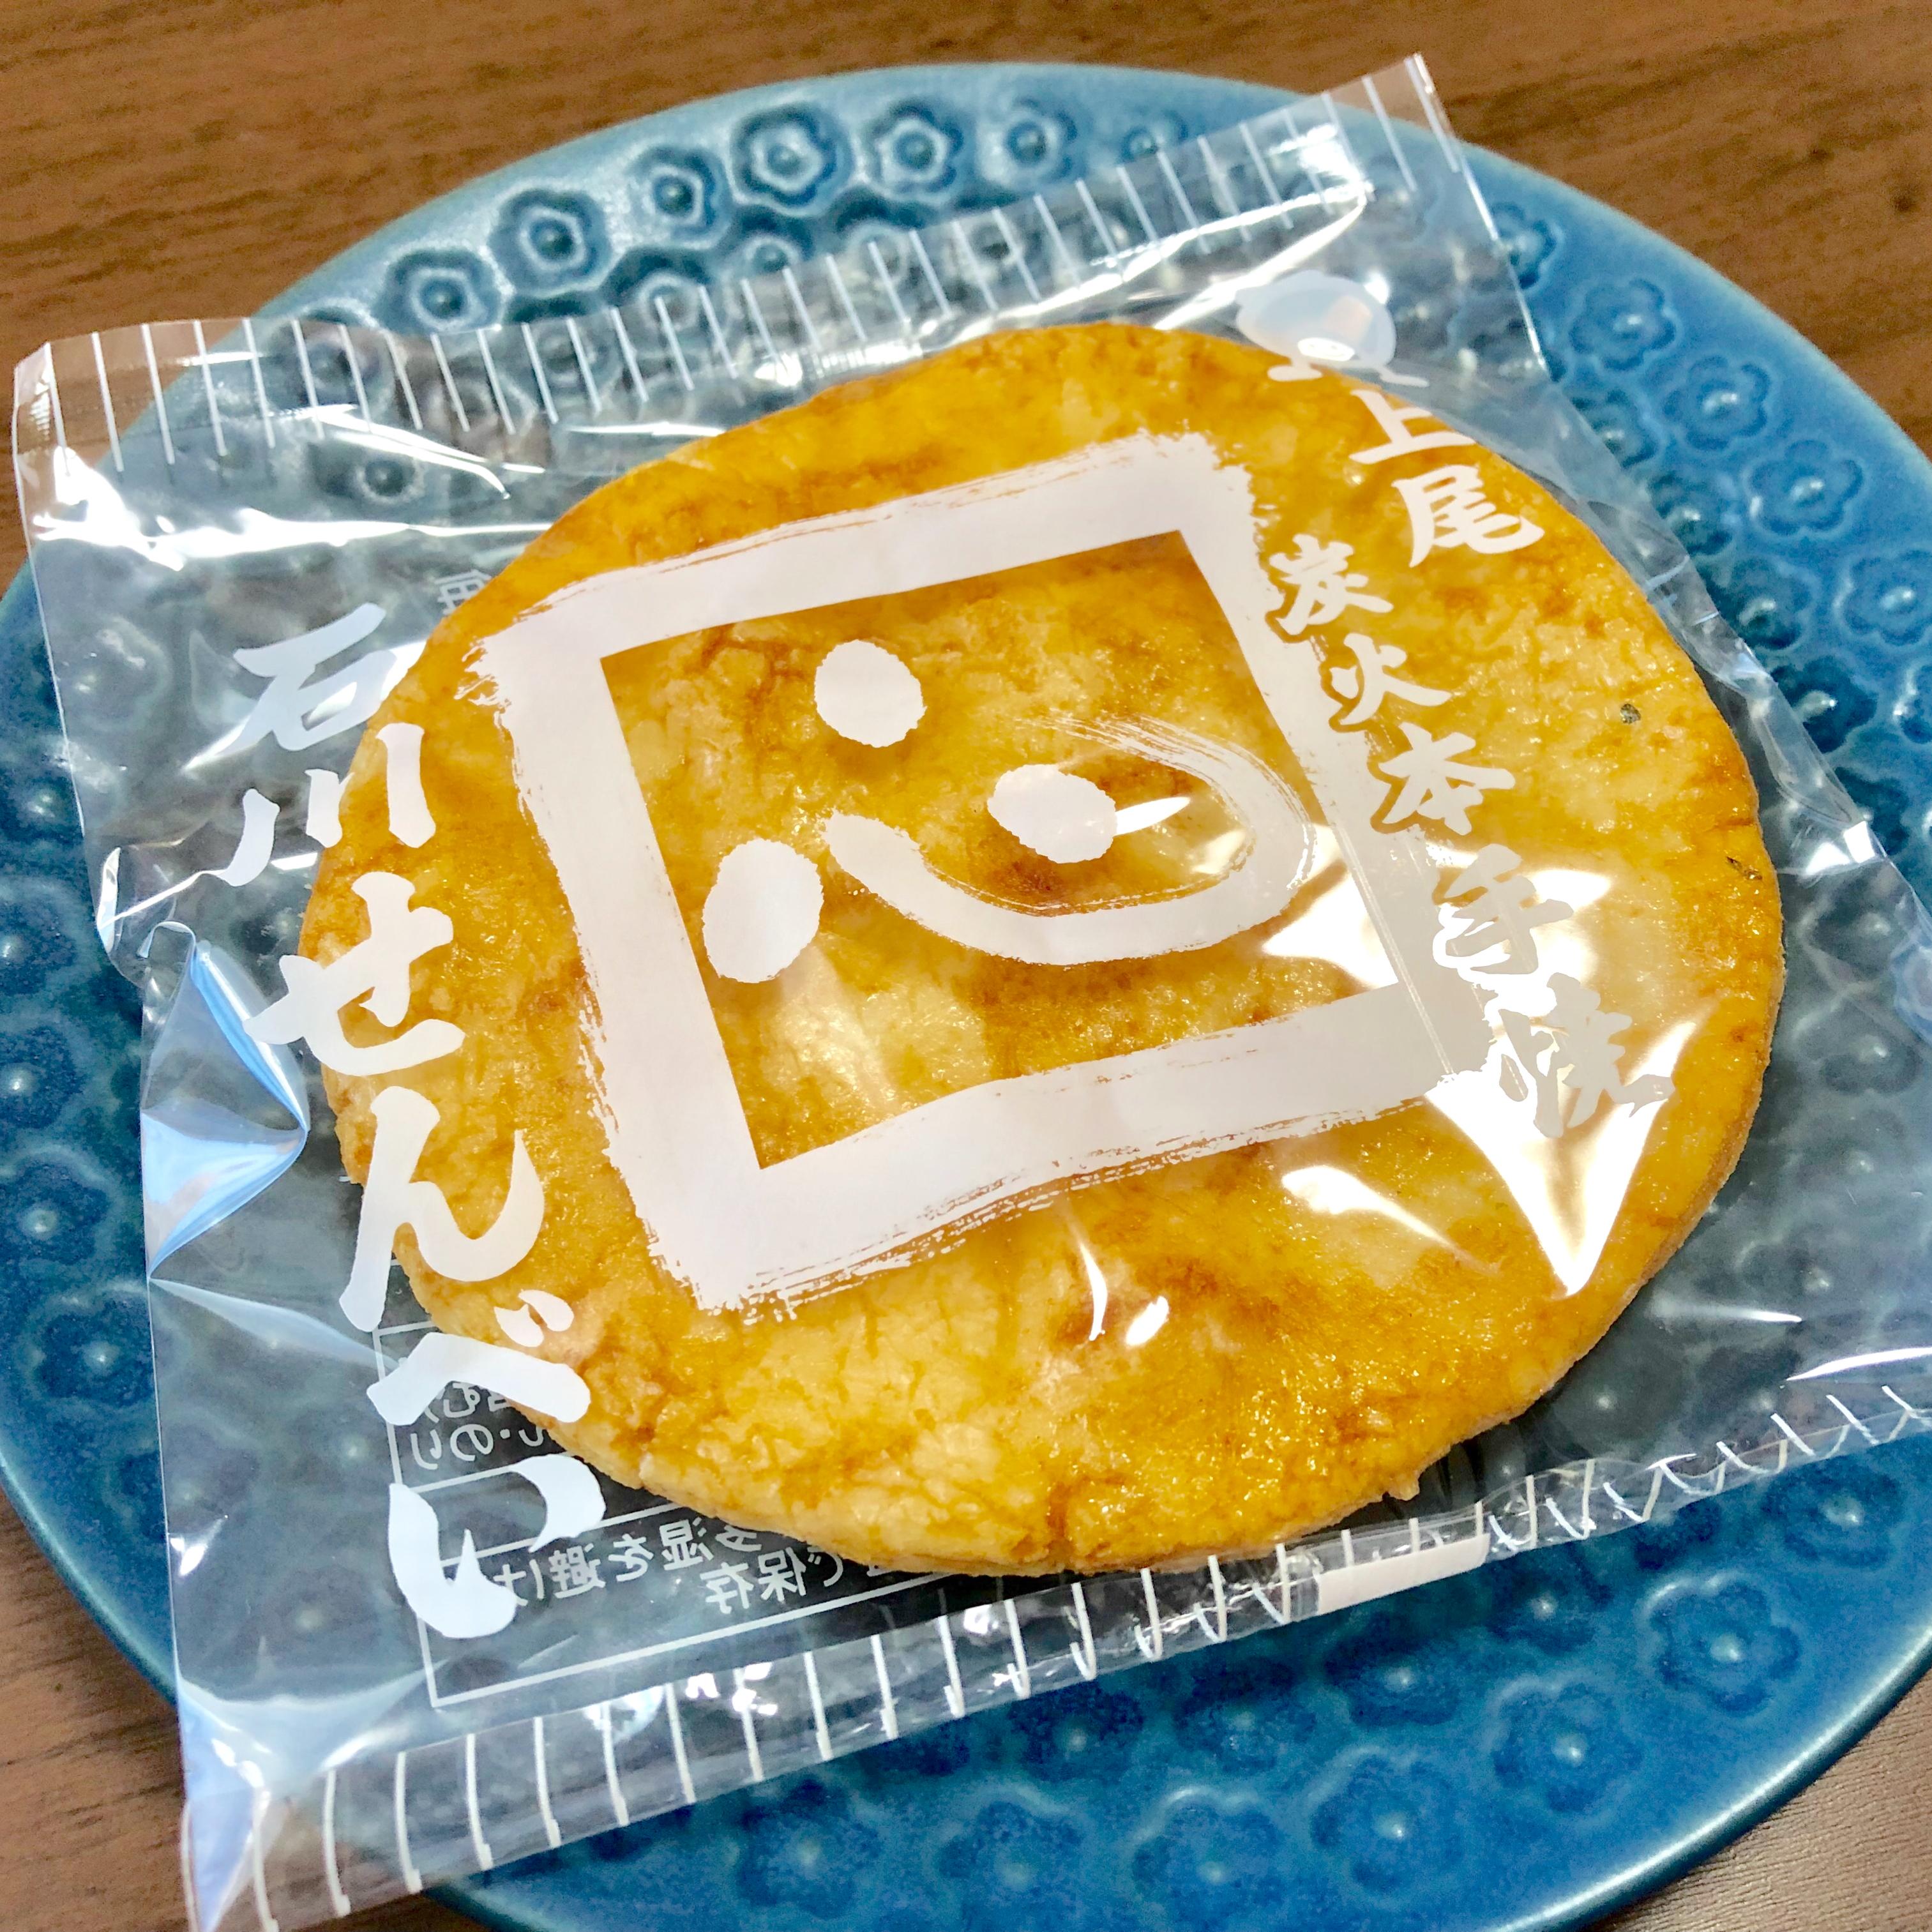 上尾・石川煎餅店|炭火本手焼のおせんべいは手土産におすすめ!完成までの作業工程も紹介